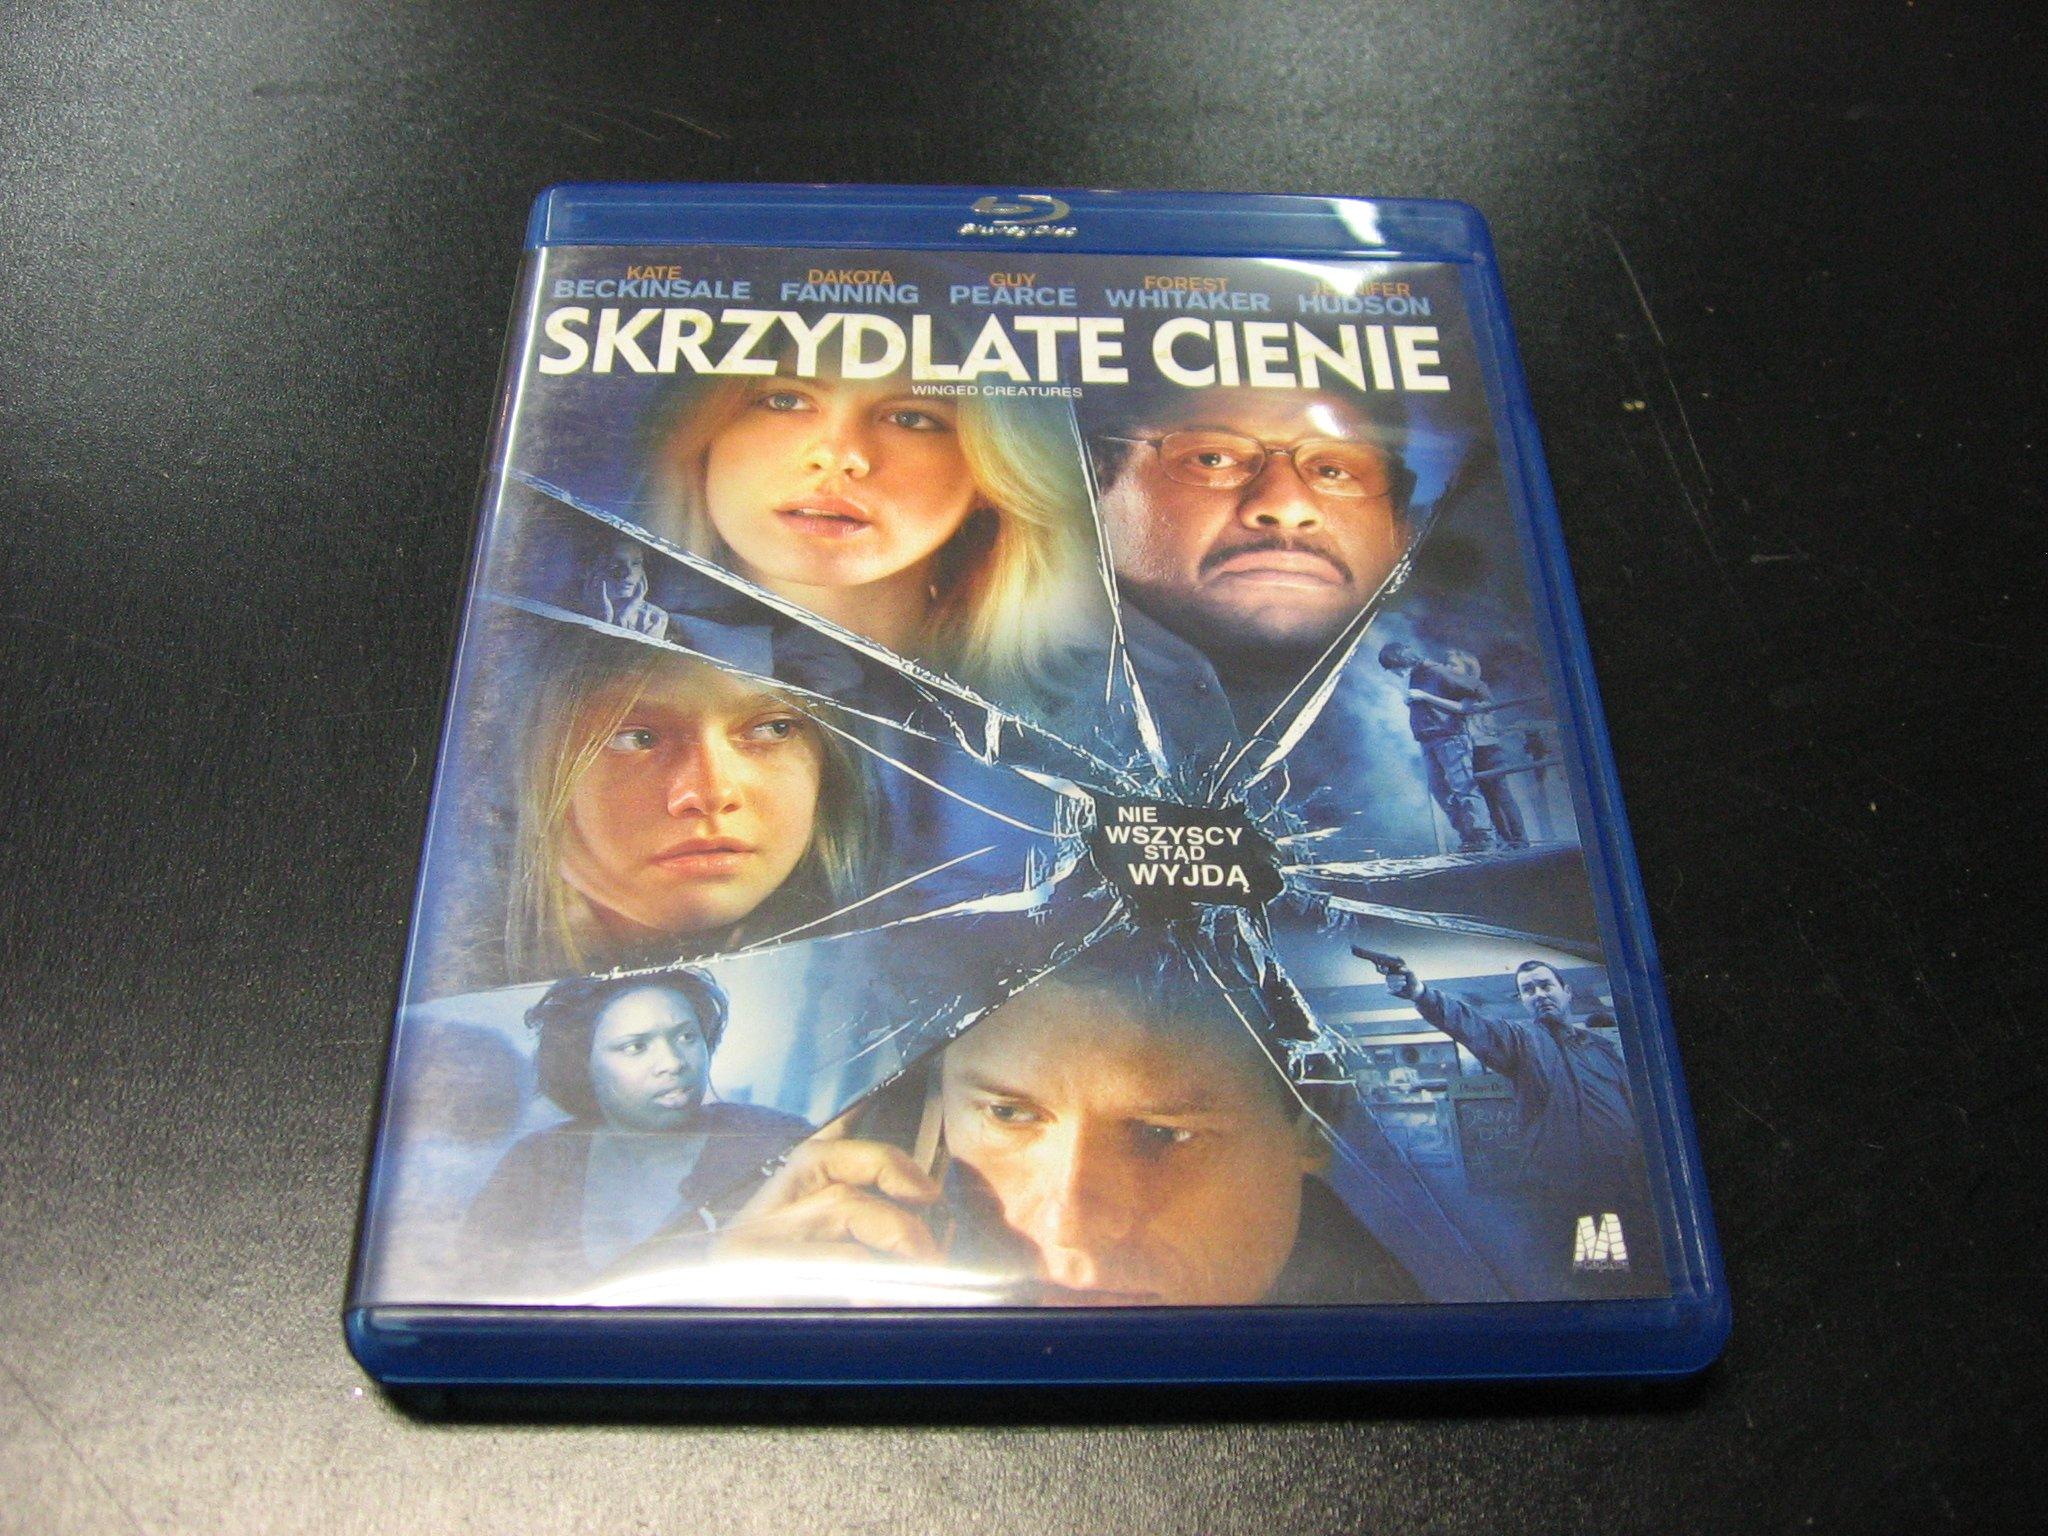 SKRZYDLATE CIENIE 001 Blu-rey - Opole